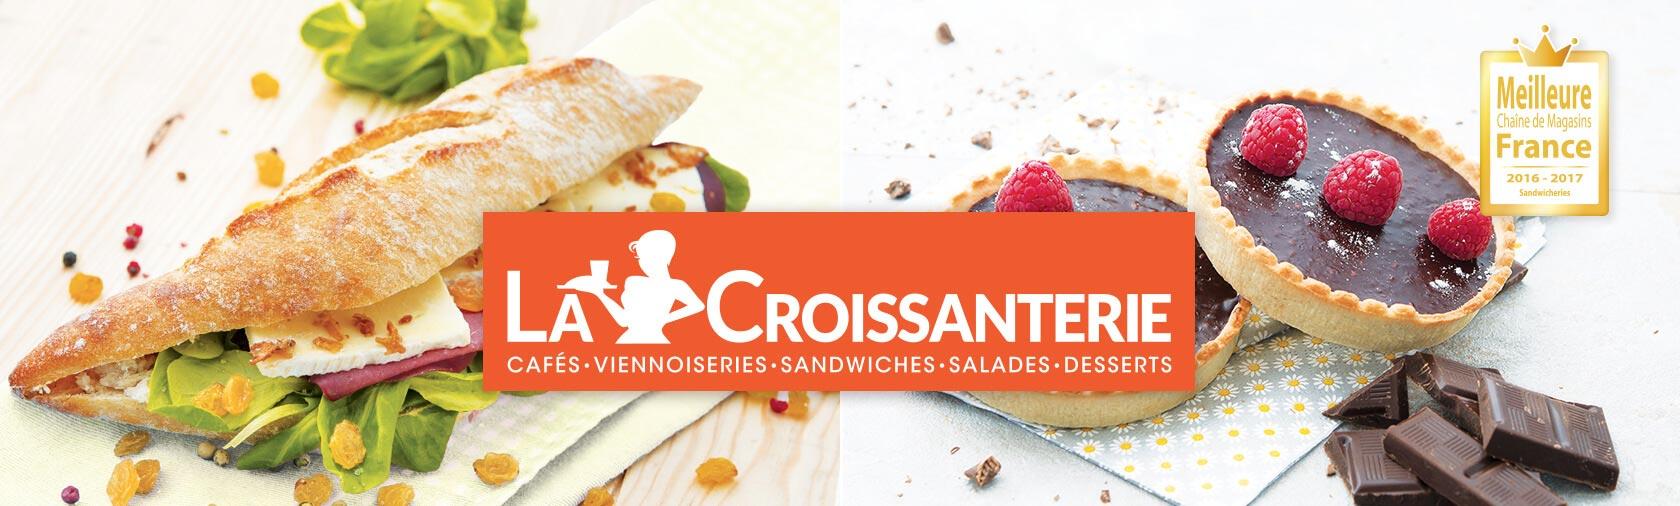 H. La Croissanterie